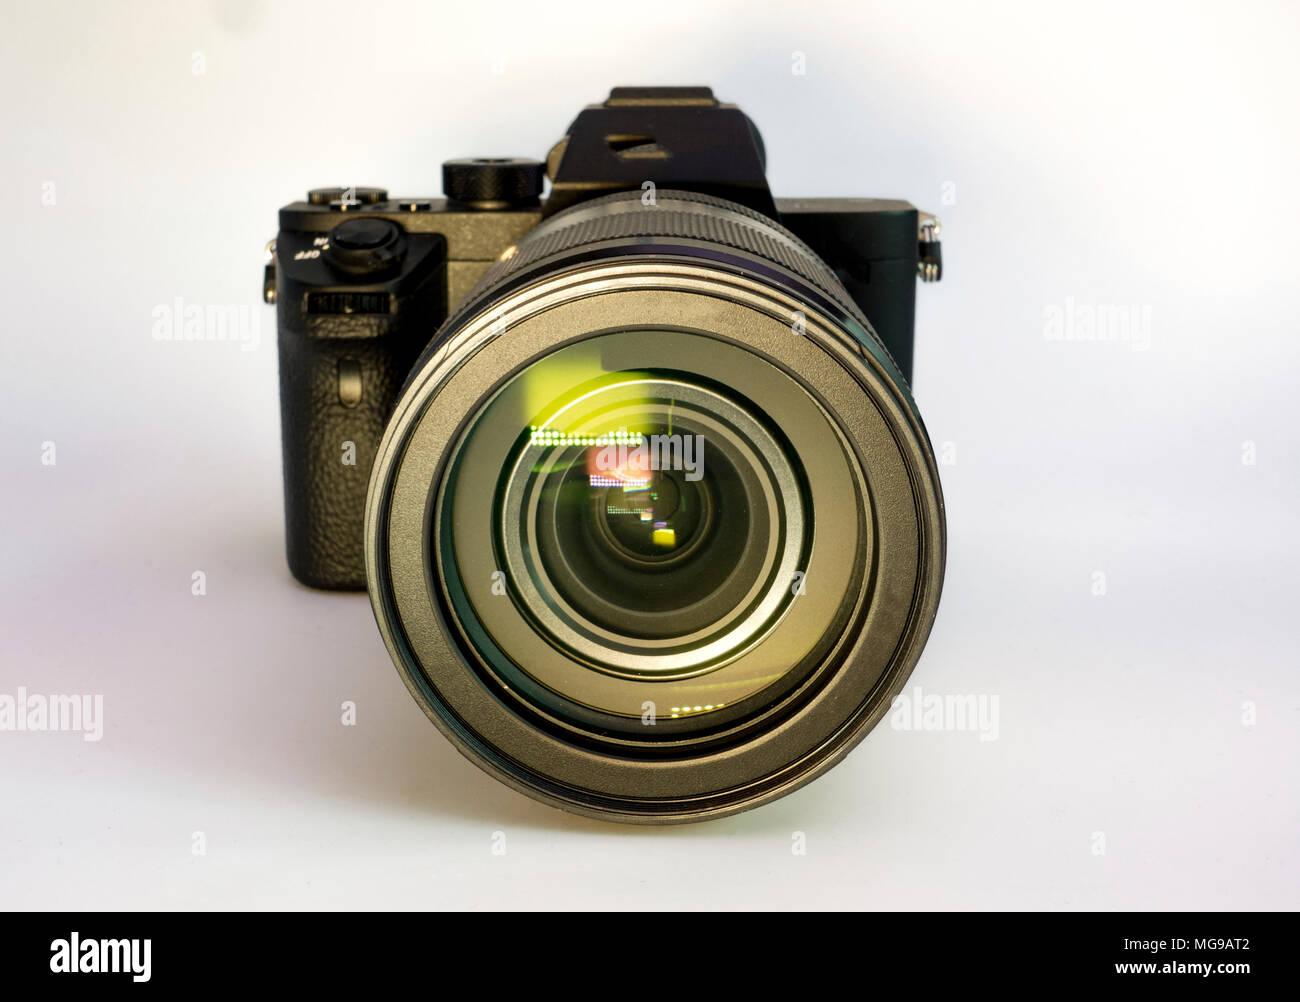 Mirrorless digitale fotocamera con obiettivo zoom. Immagini Stock